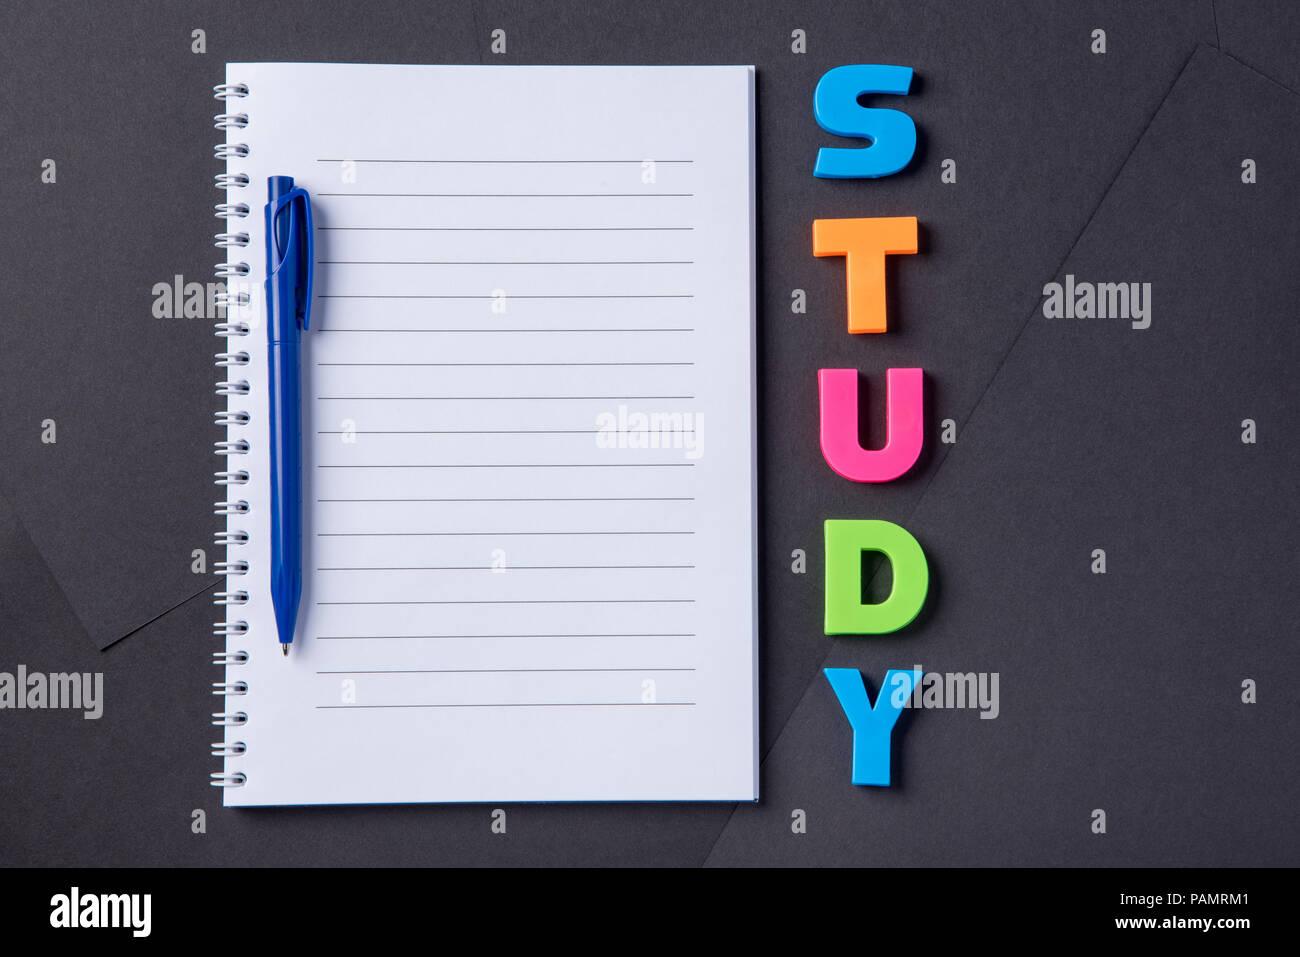 Download 730+ Background Study Adalah Terbaik